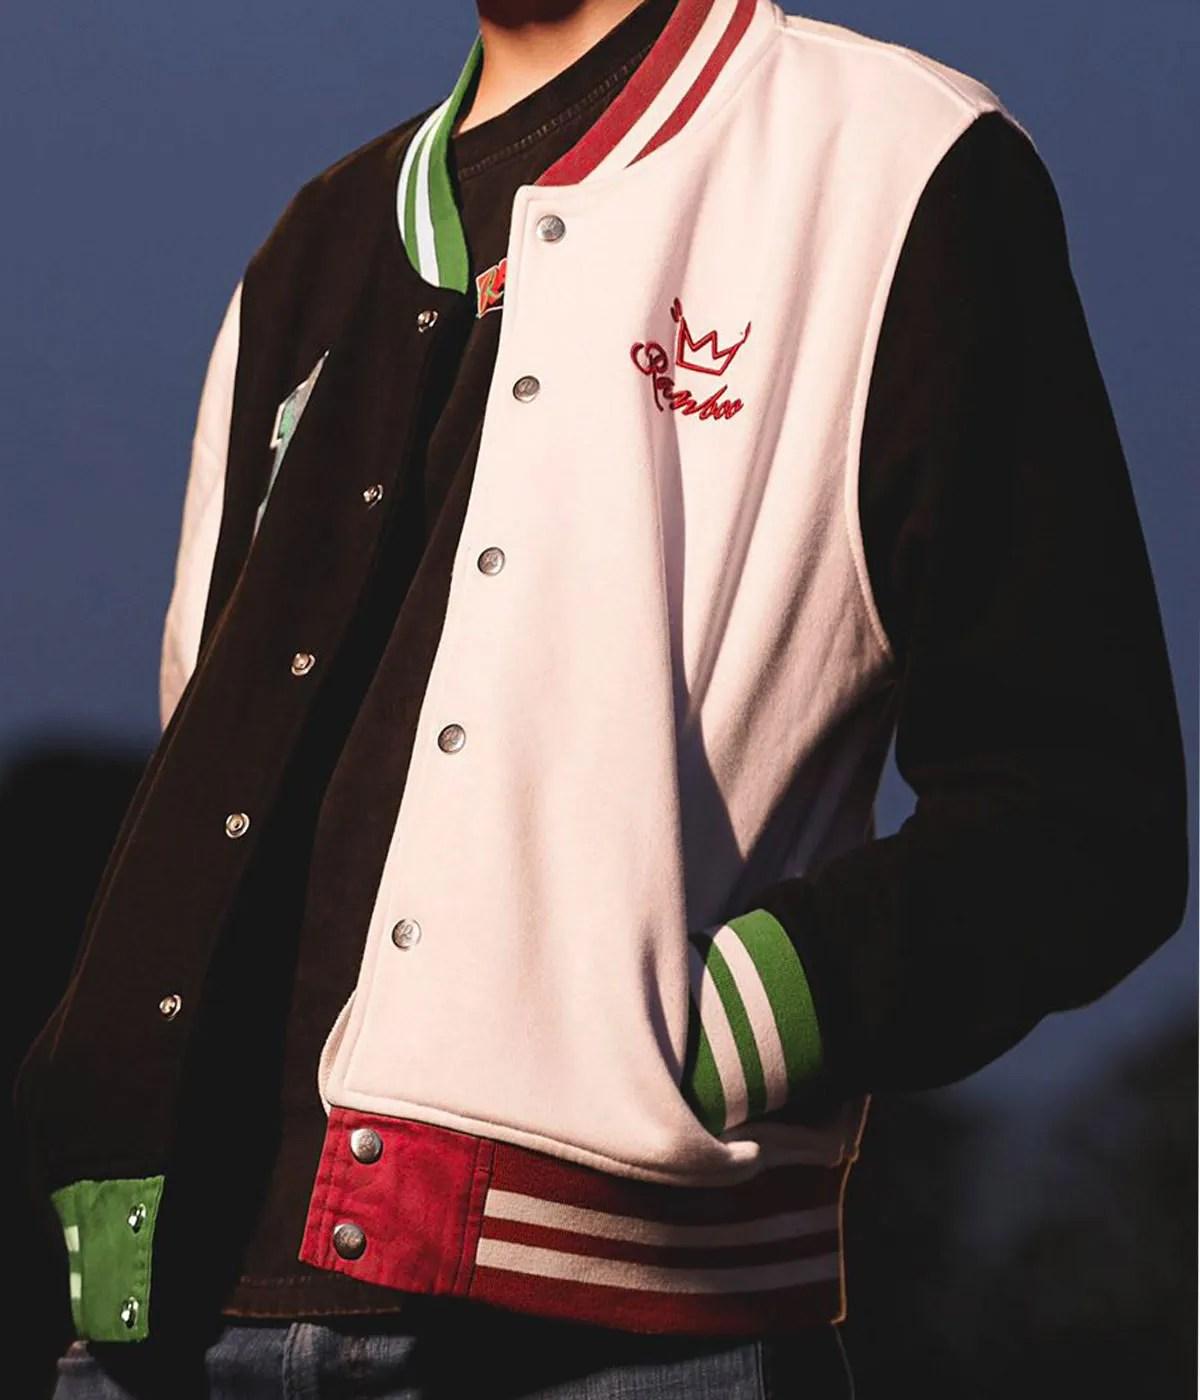 ranboo-wool-jacket